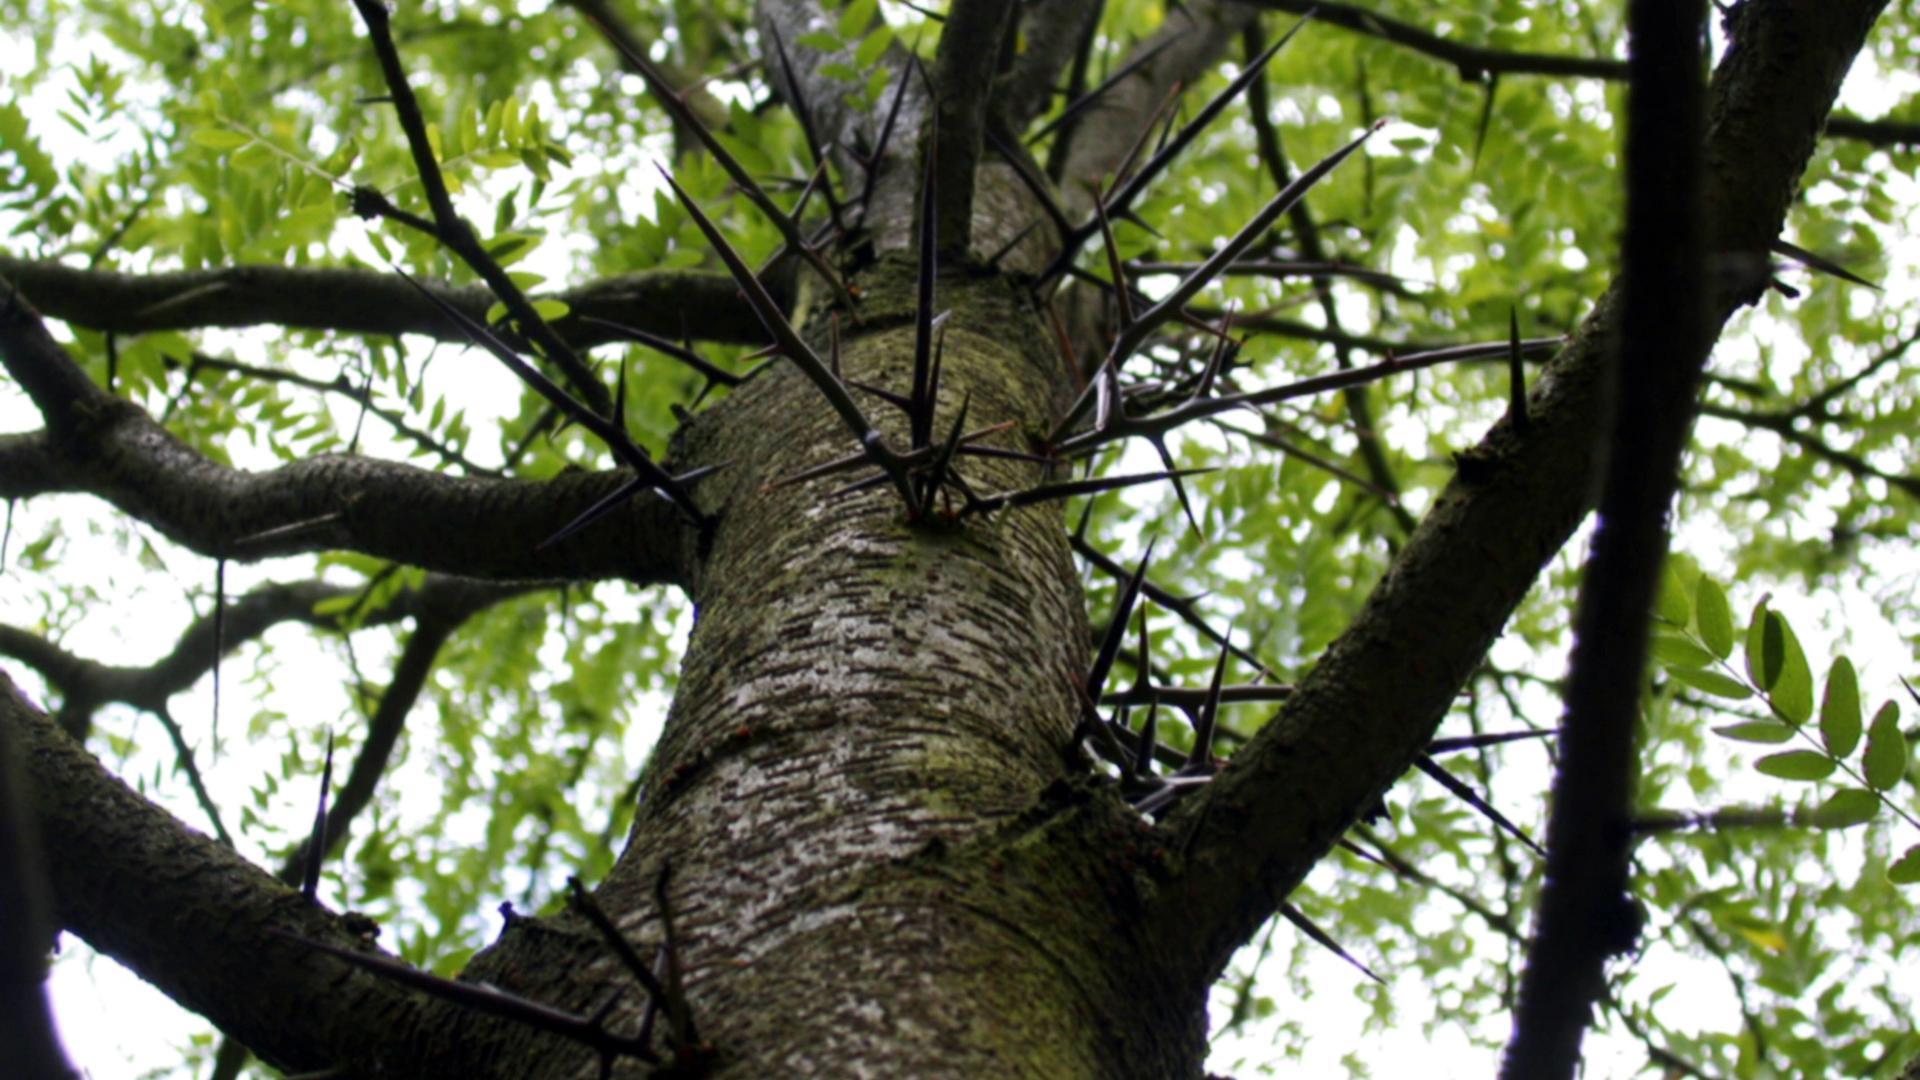 Während der Eiszeit ein bewährtes Mittel gegen Fressfeinde, heute ein Ärgernis am Straßenrand: Die Dornen eines Lederhülsenbaums.